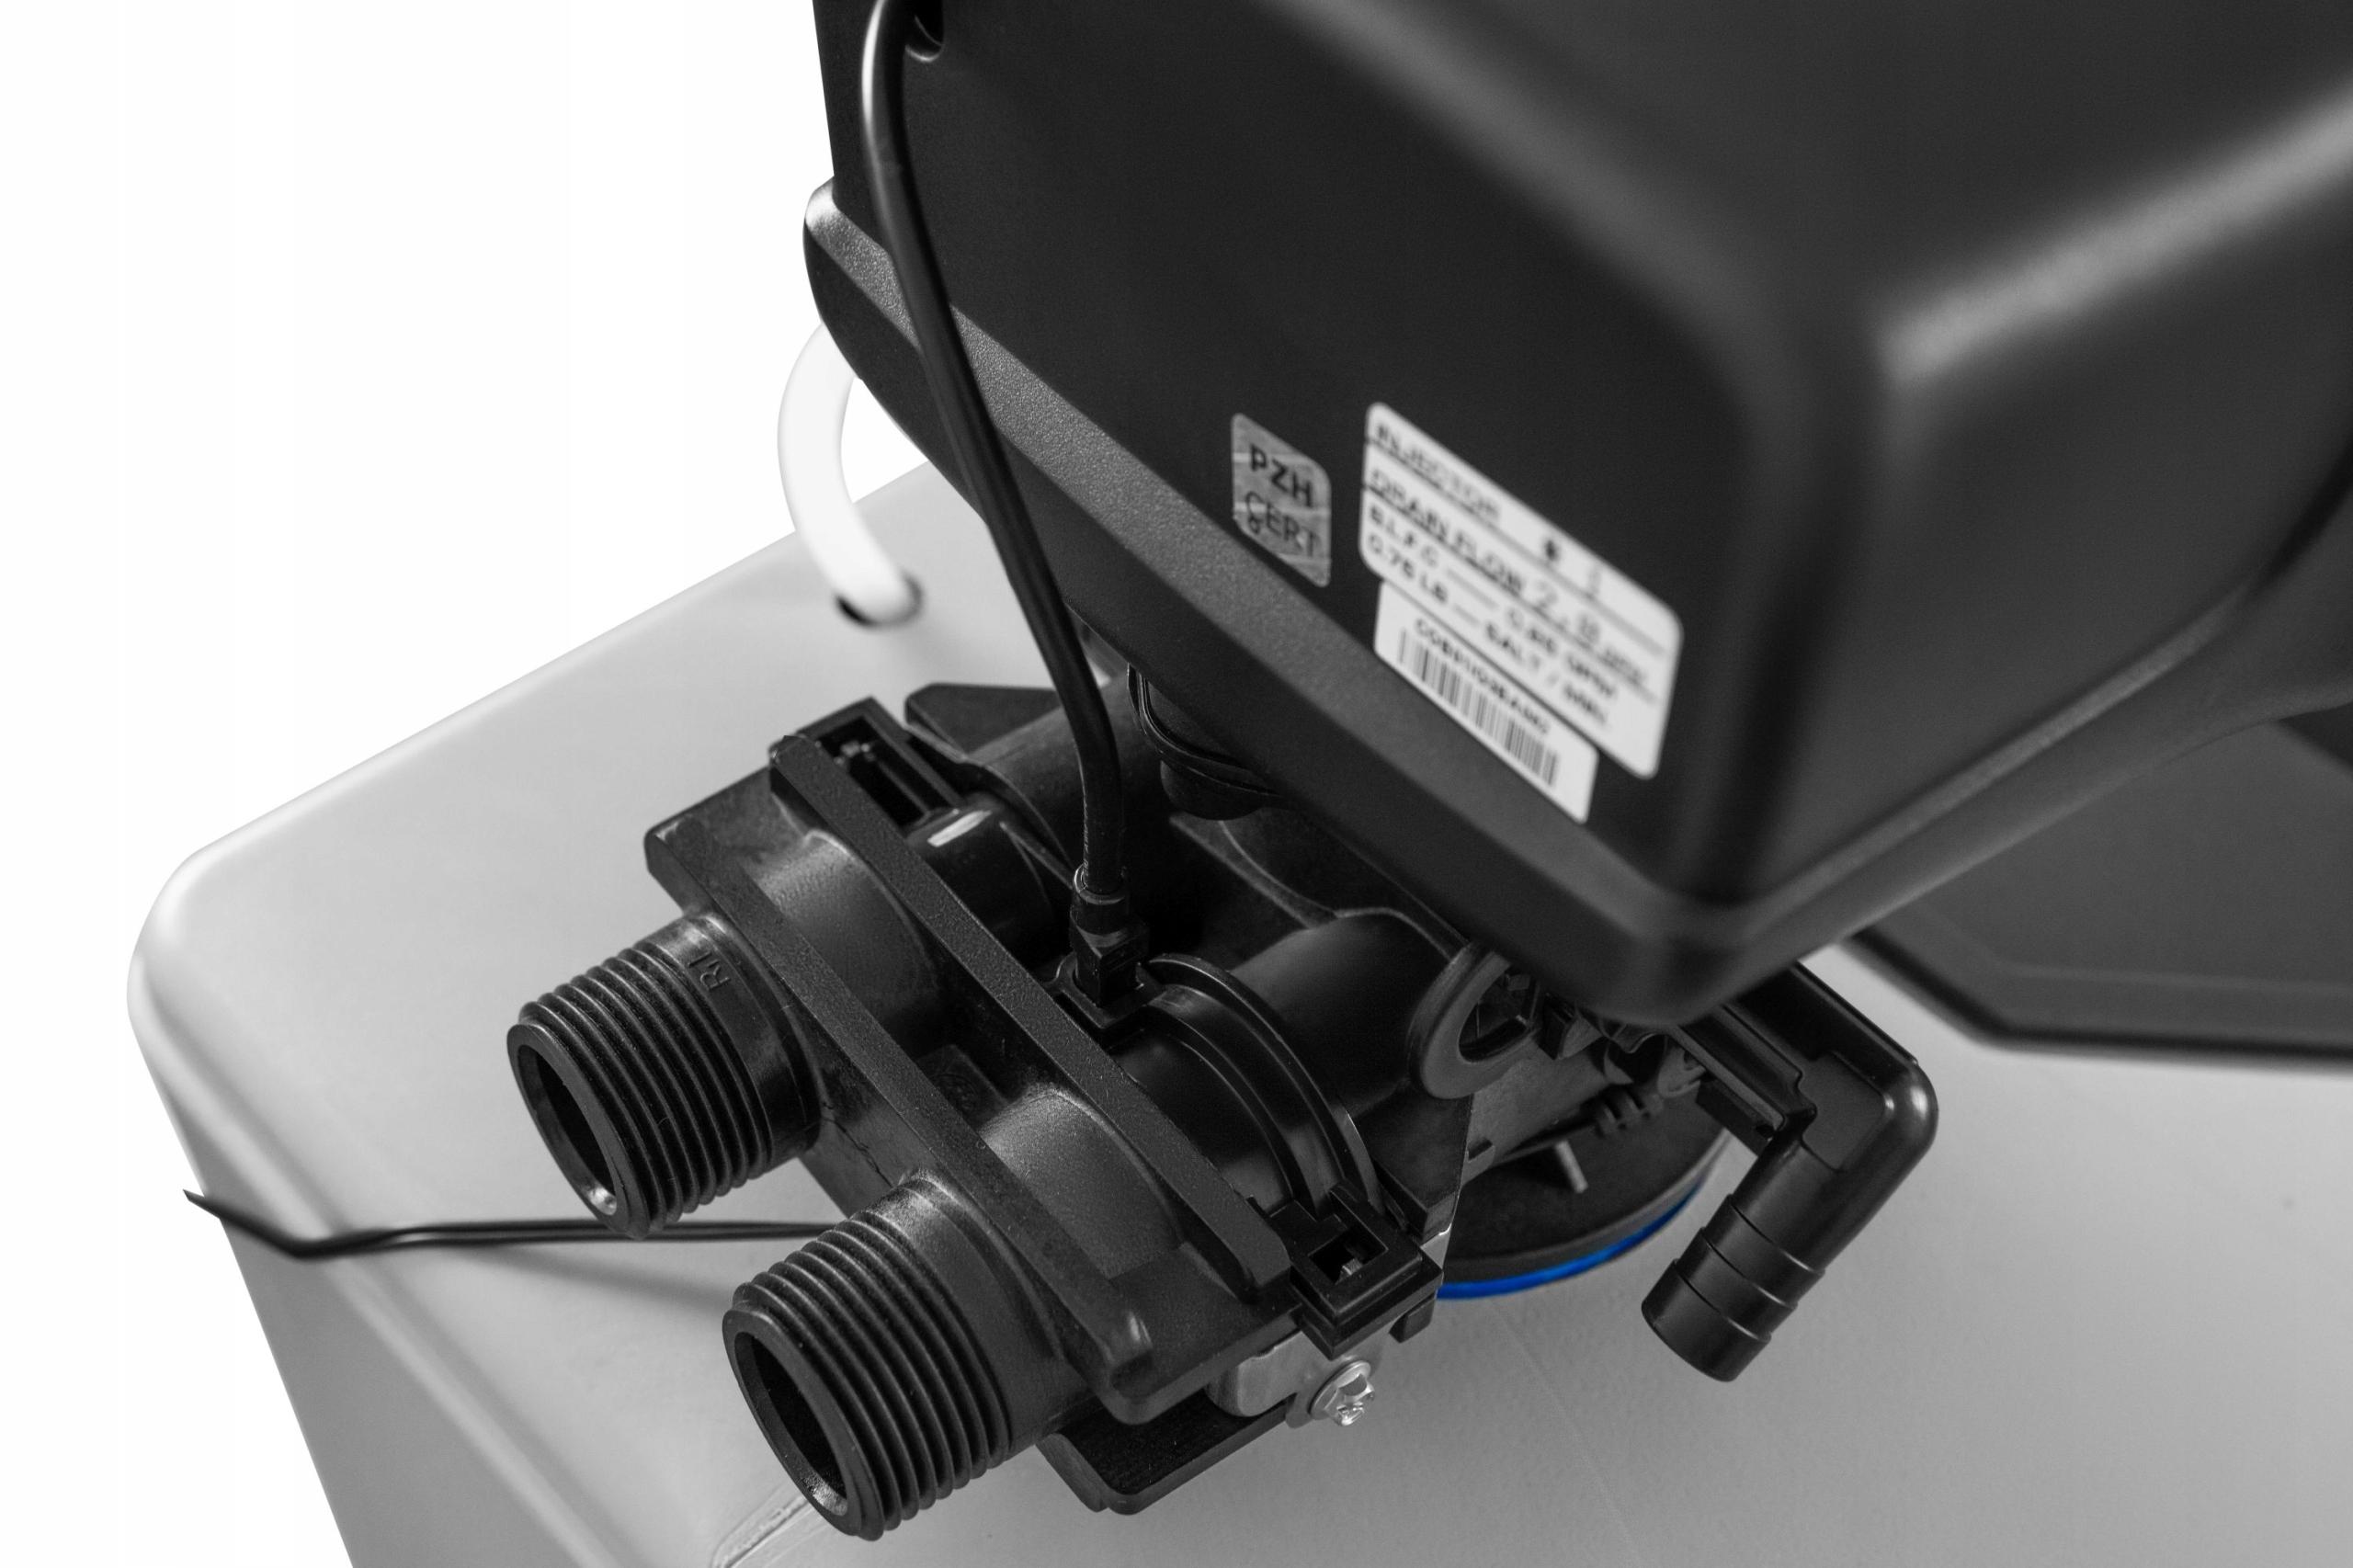 ZMIĘKCZACZ WODY WATER TECHNIC 11 SMART PACK UPFLOW EAN 5903684218011